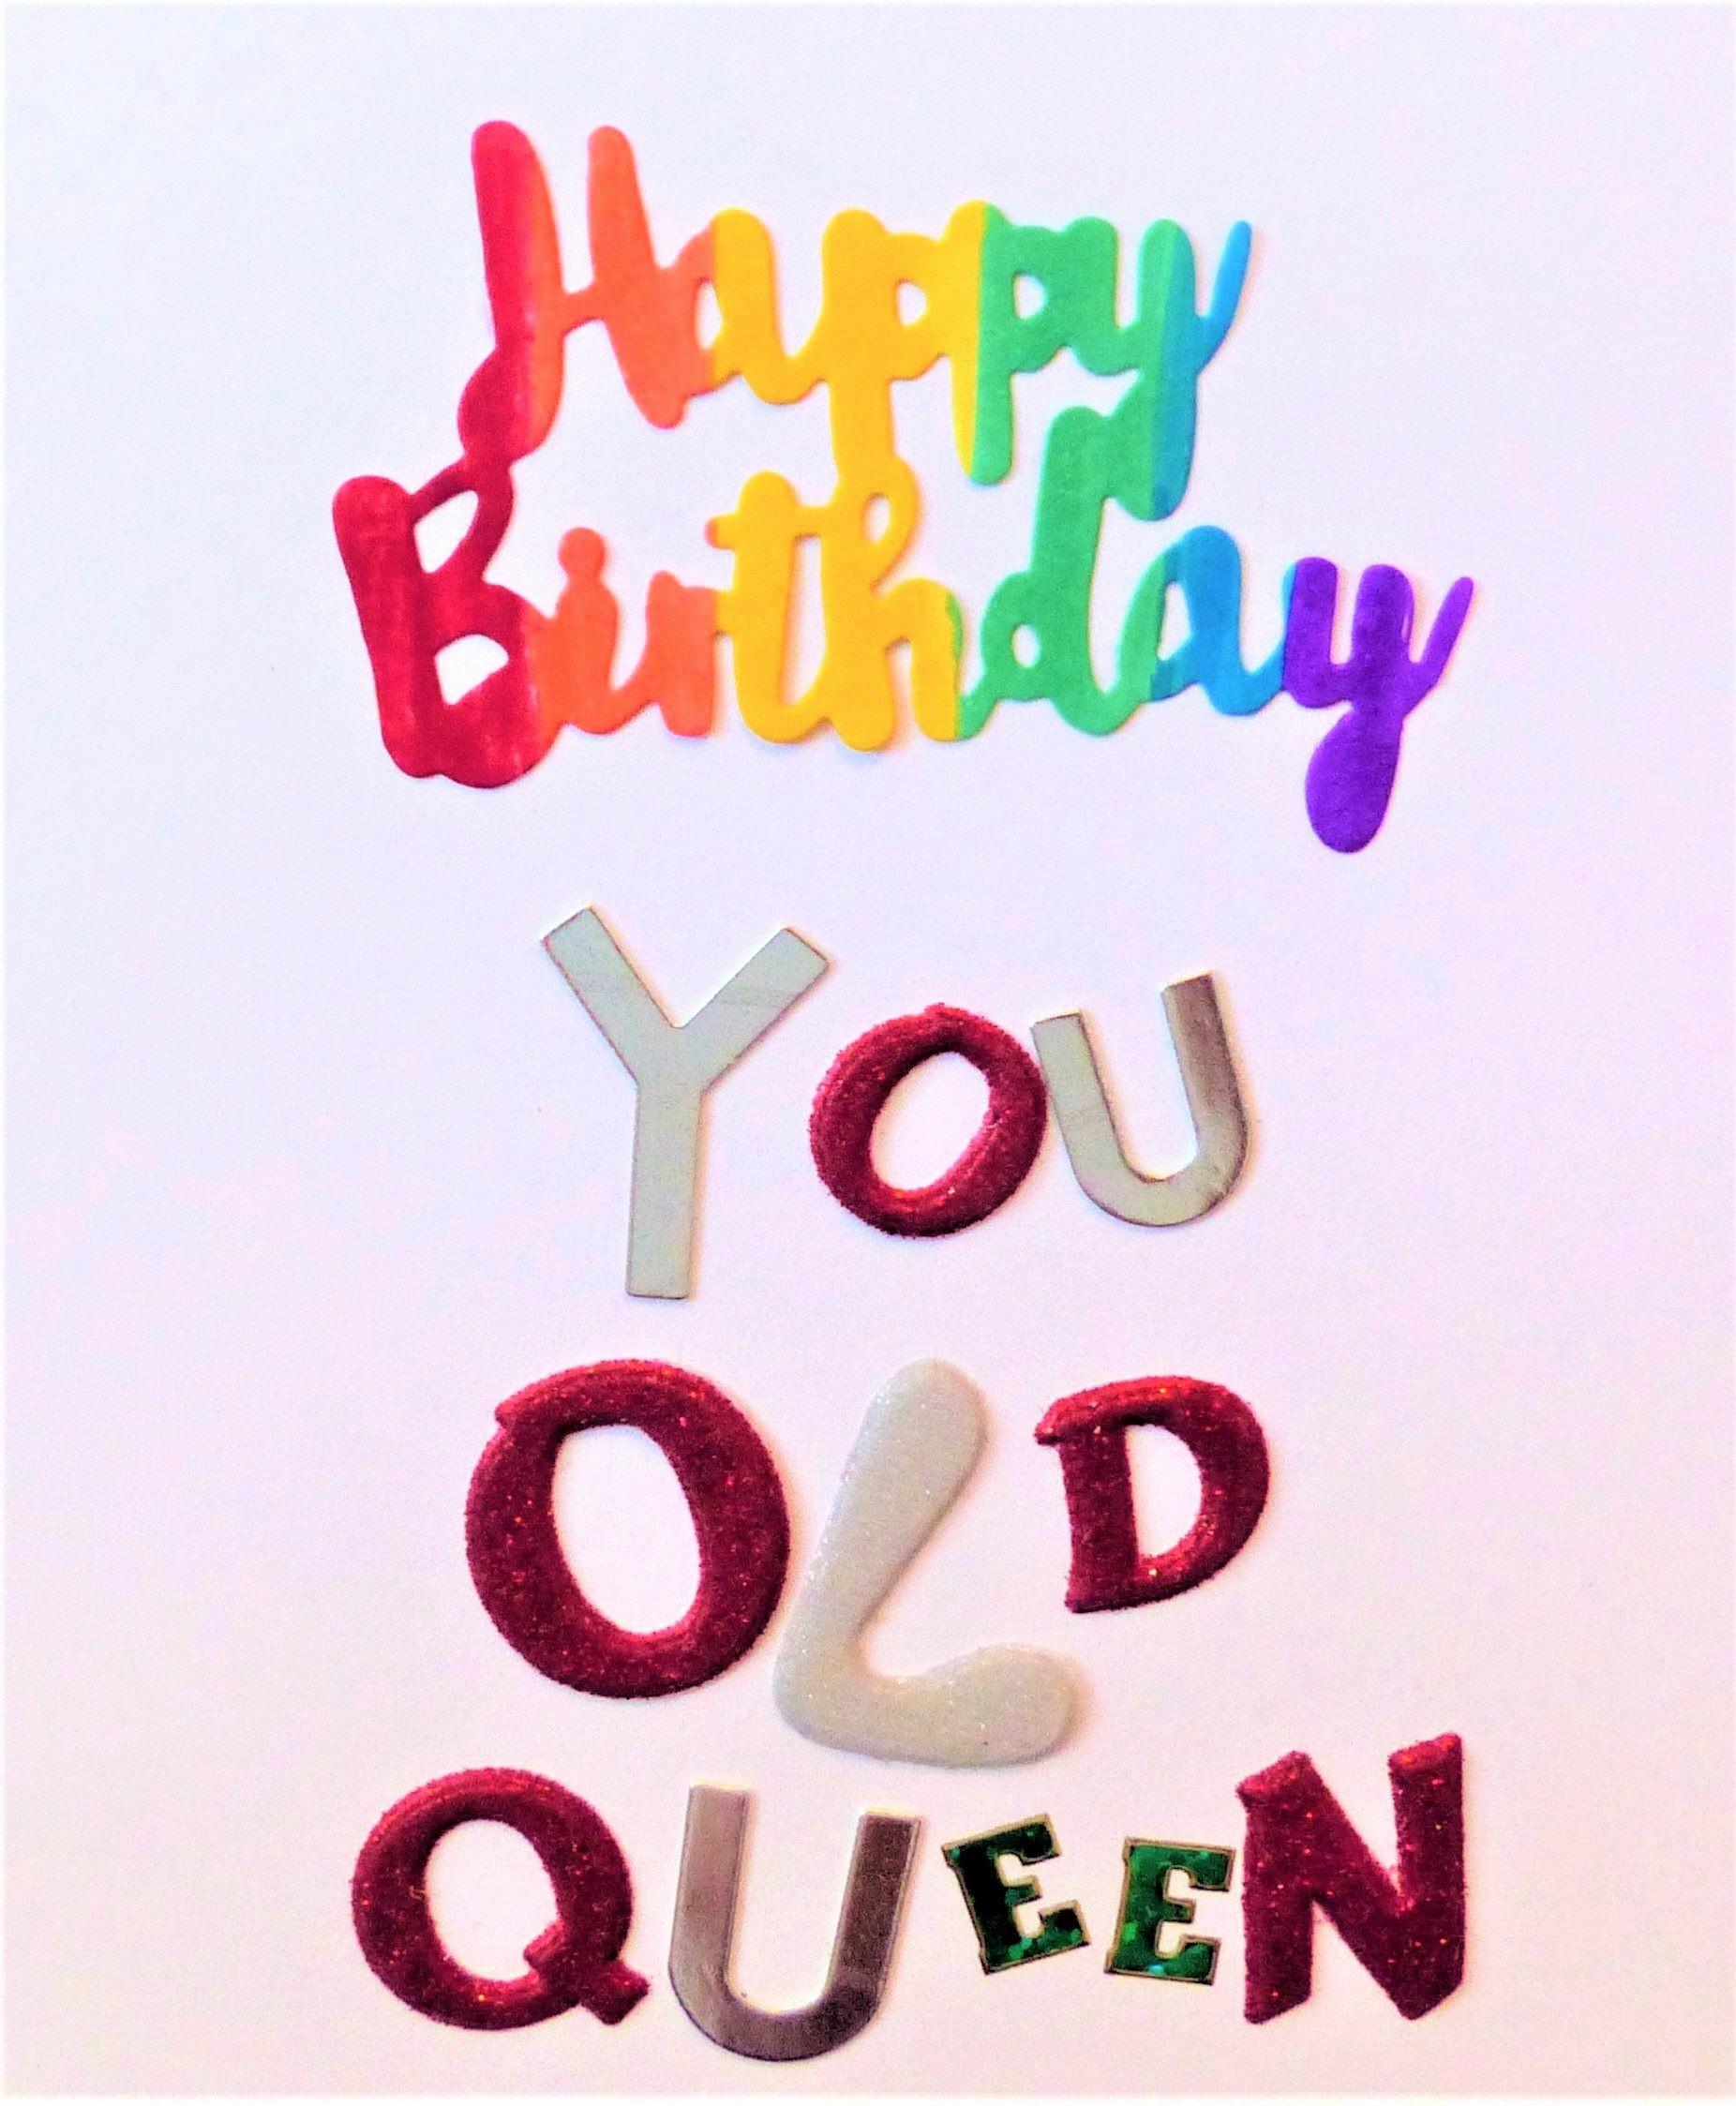 Geburtstagskarte Ausdrucken Kostenlos Inspirierend Geschenkkarten Zum Ausdrucken Kreativität Gutscheine Zum Ausdrucken Stock